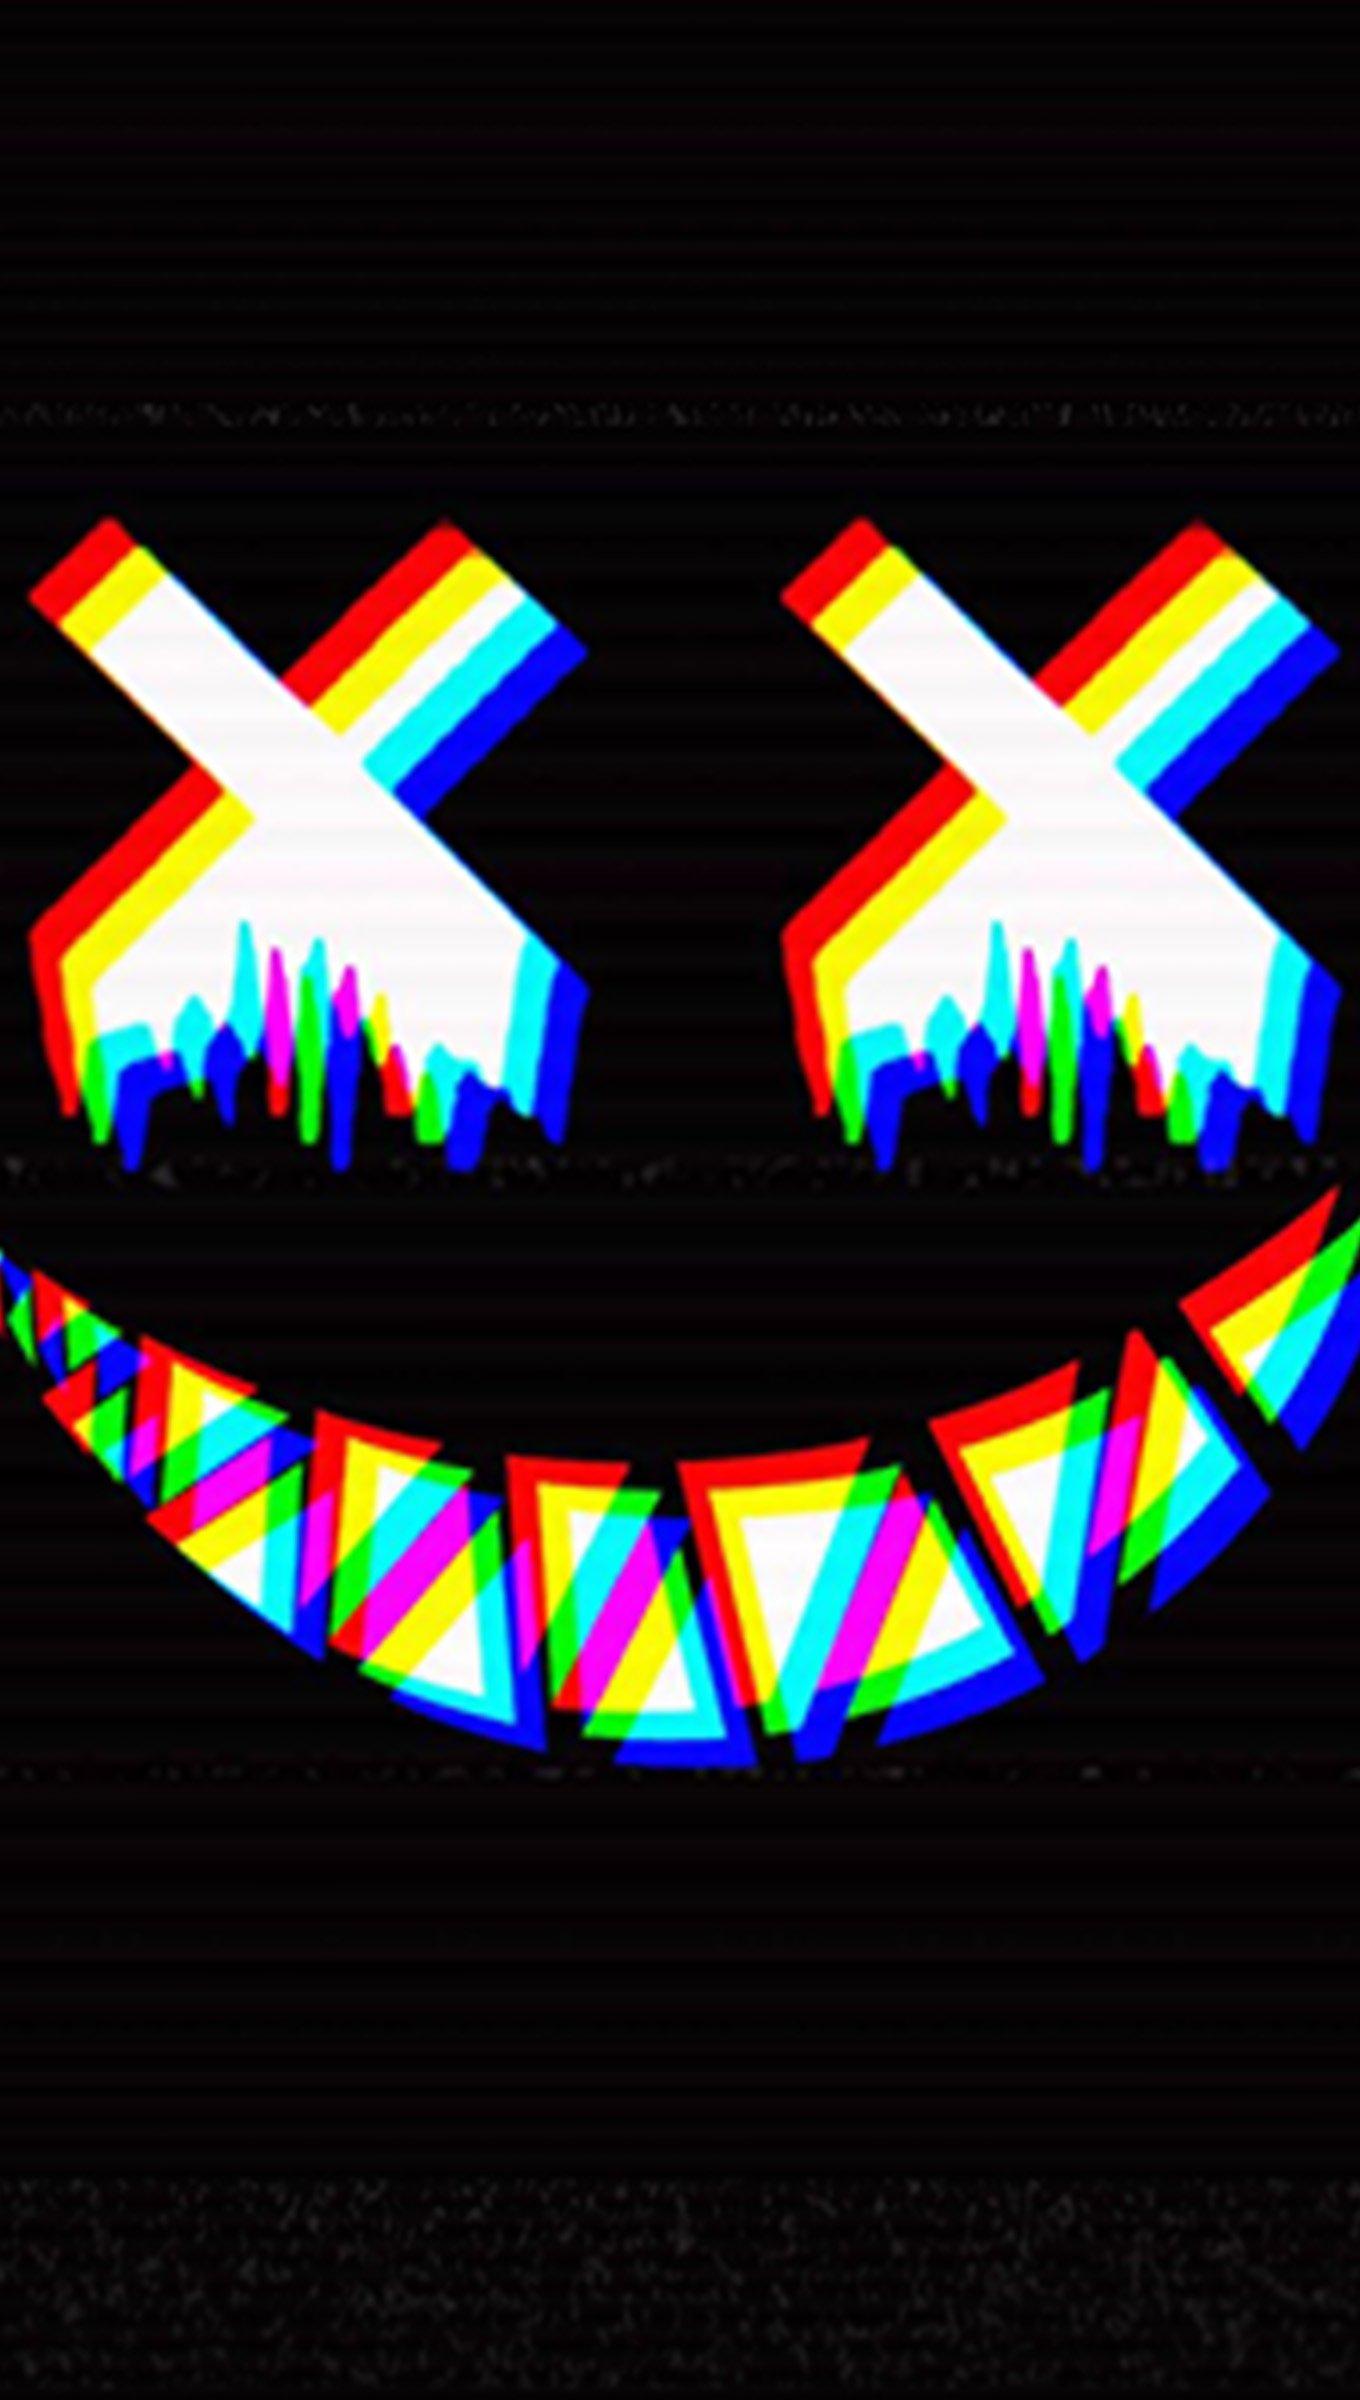 Fondos de pantalla Cara Sonrisa ilustración Vertical